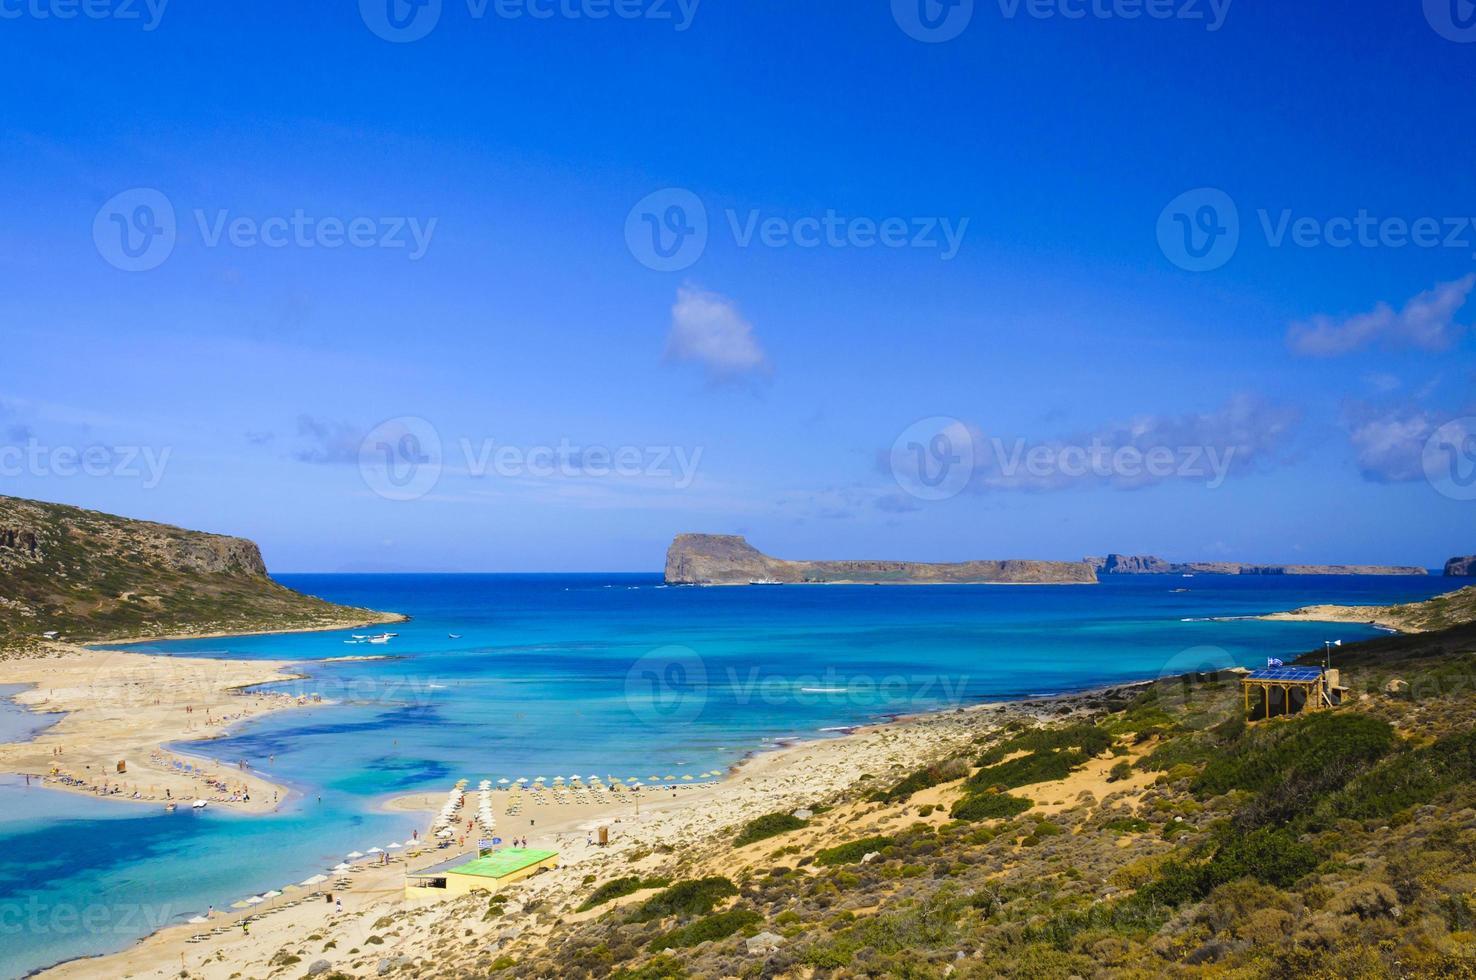 geweldig uitzicht over de lagune van Balos op Kreta, Griekenland foto